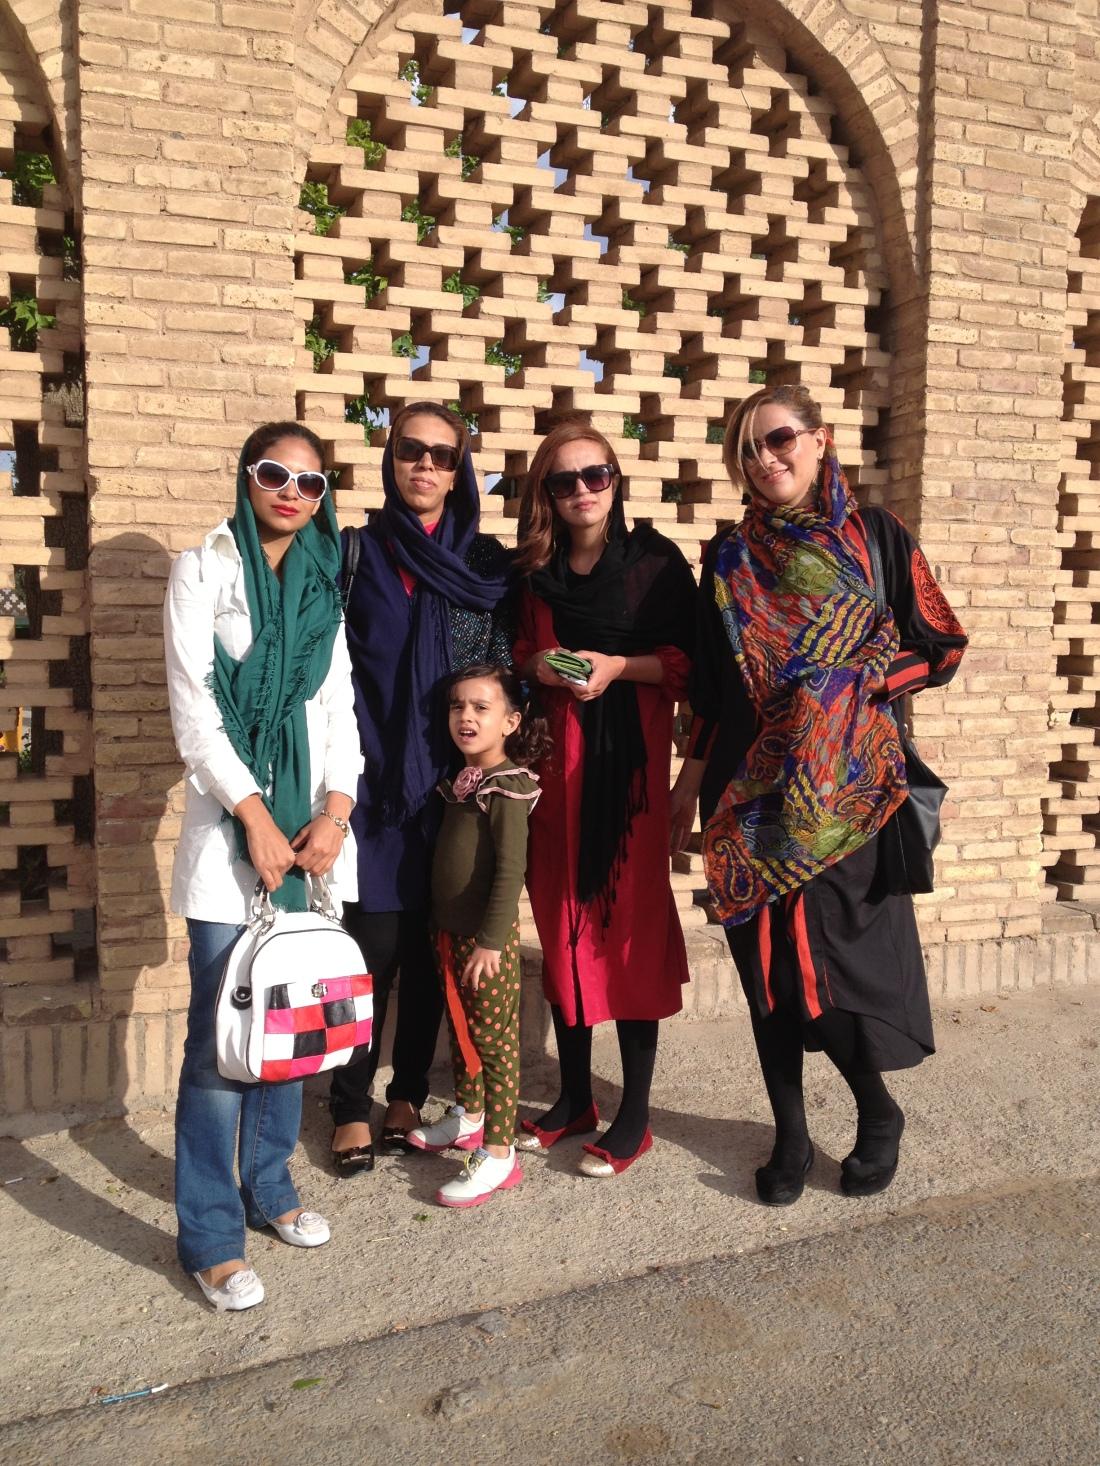 Fashion Muslimettes in Iran